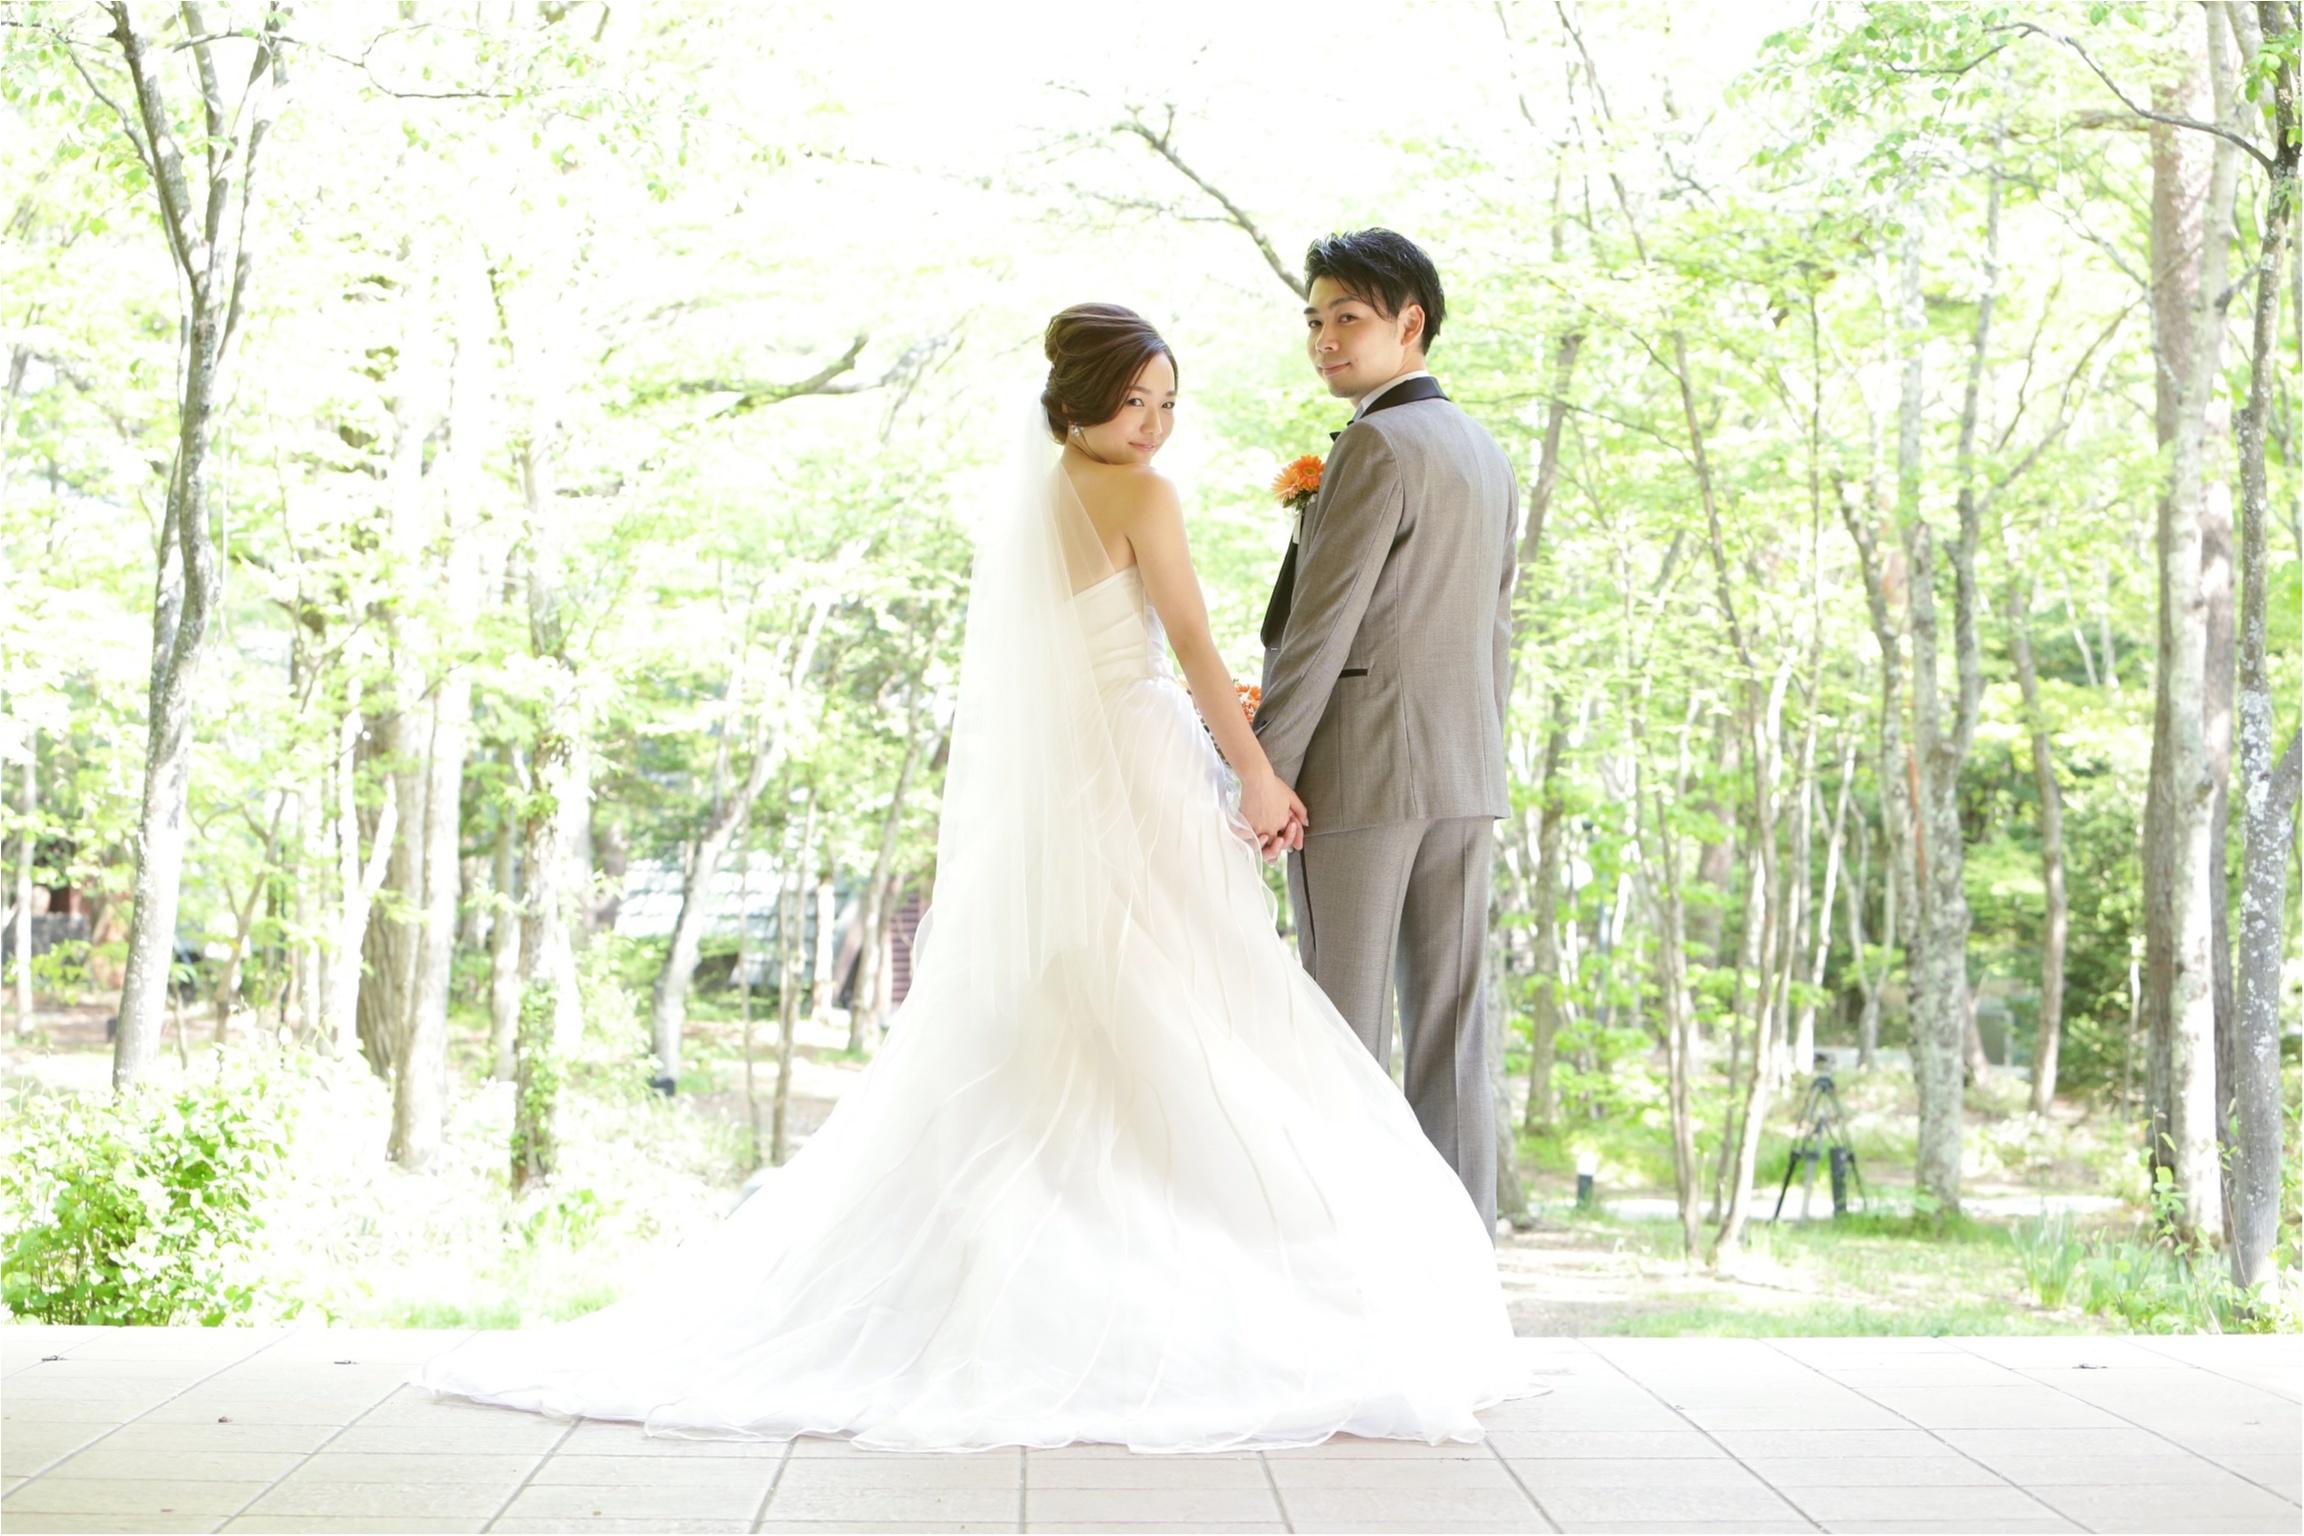 まるでCG!?なガーデンパーティ(軽井沢Weddingレポ③)_7